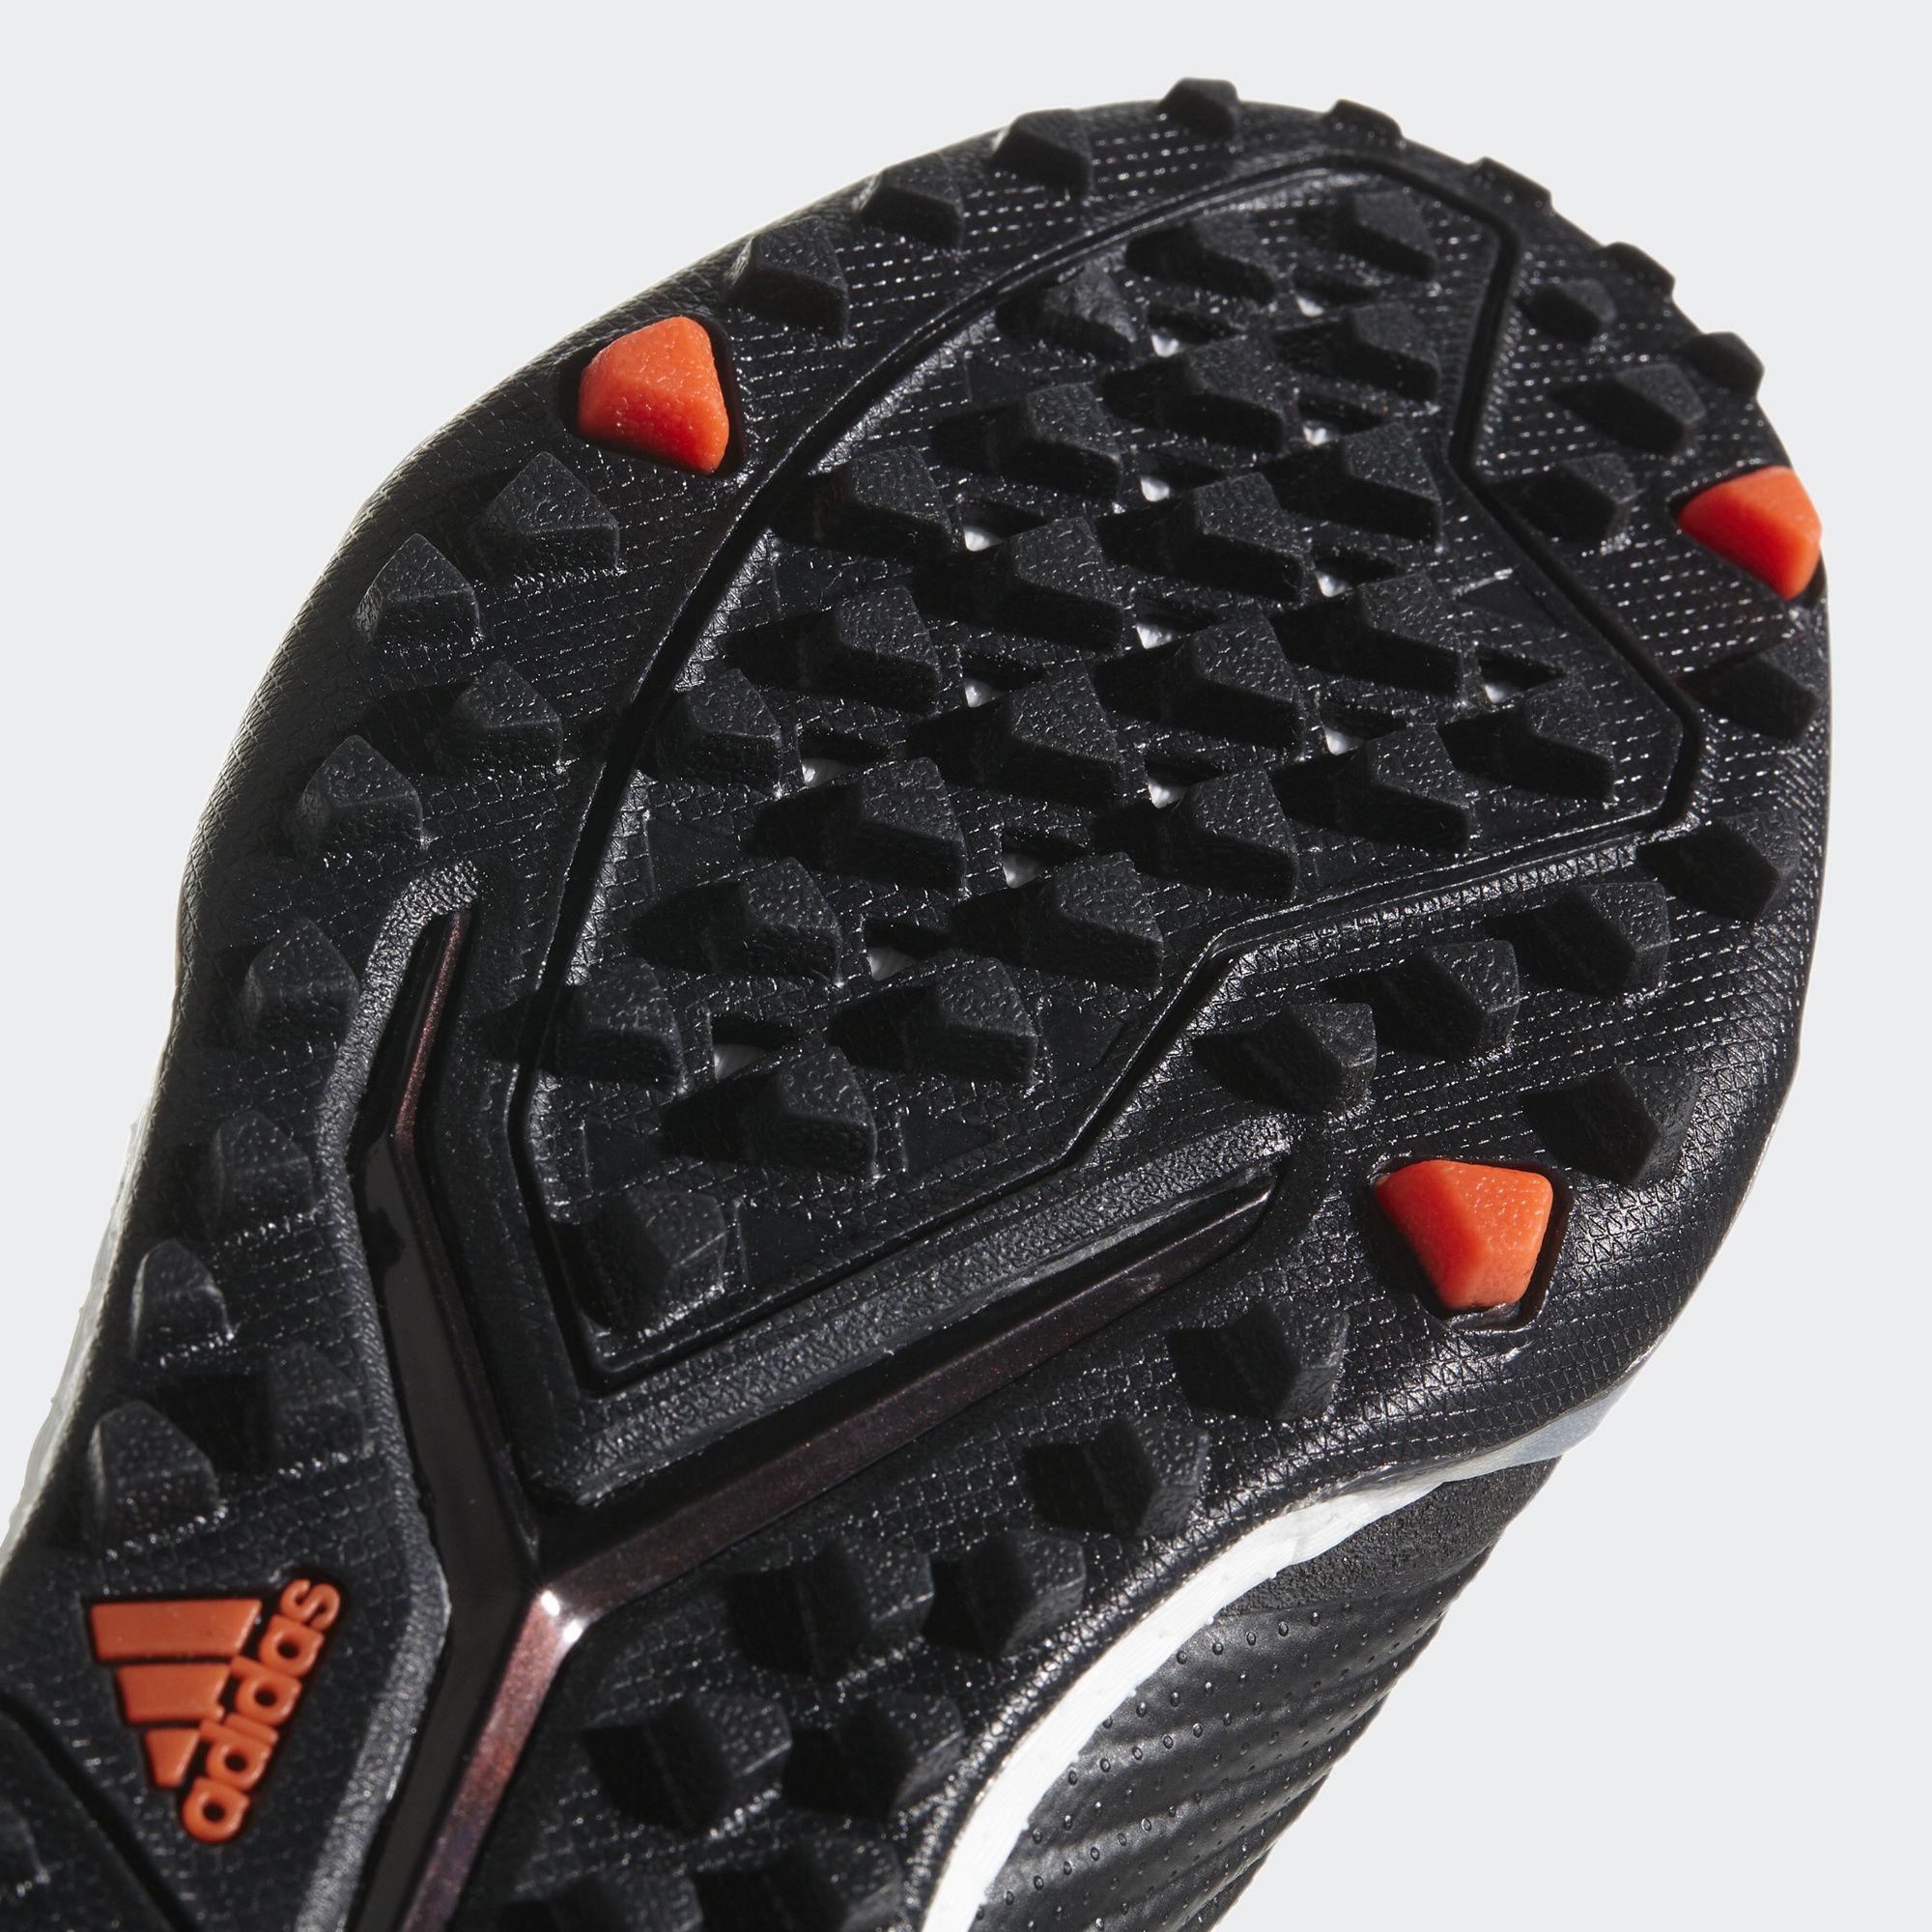 Lyst Adidas Predator Tango 18 + Territorio Scarpette Uomini. In Nero Per Gli Uomini. Scarpette 74f6a1